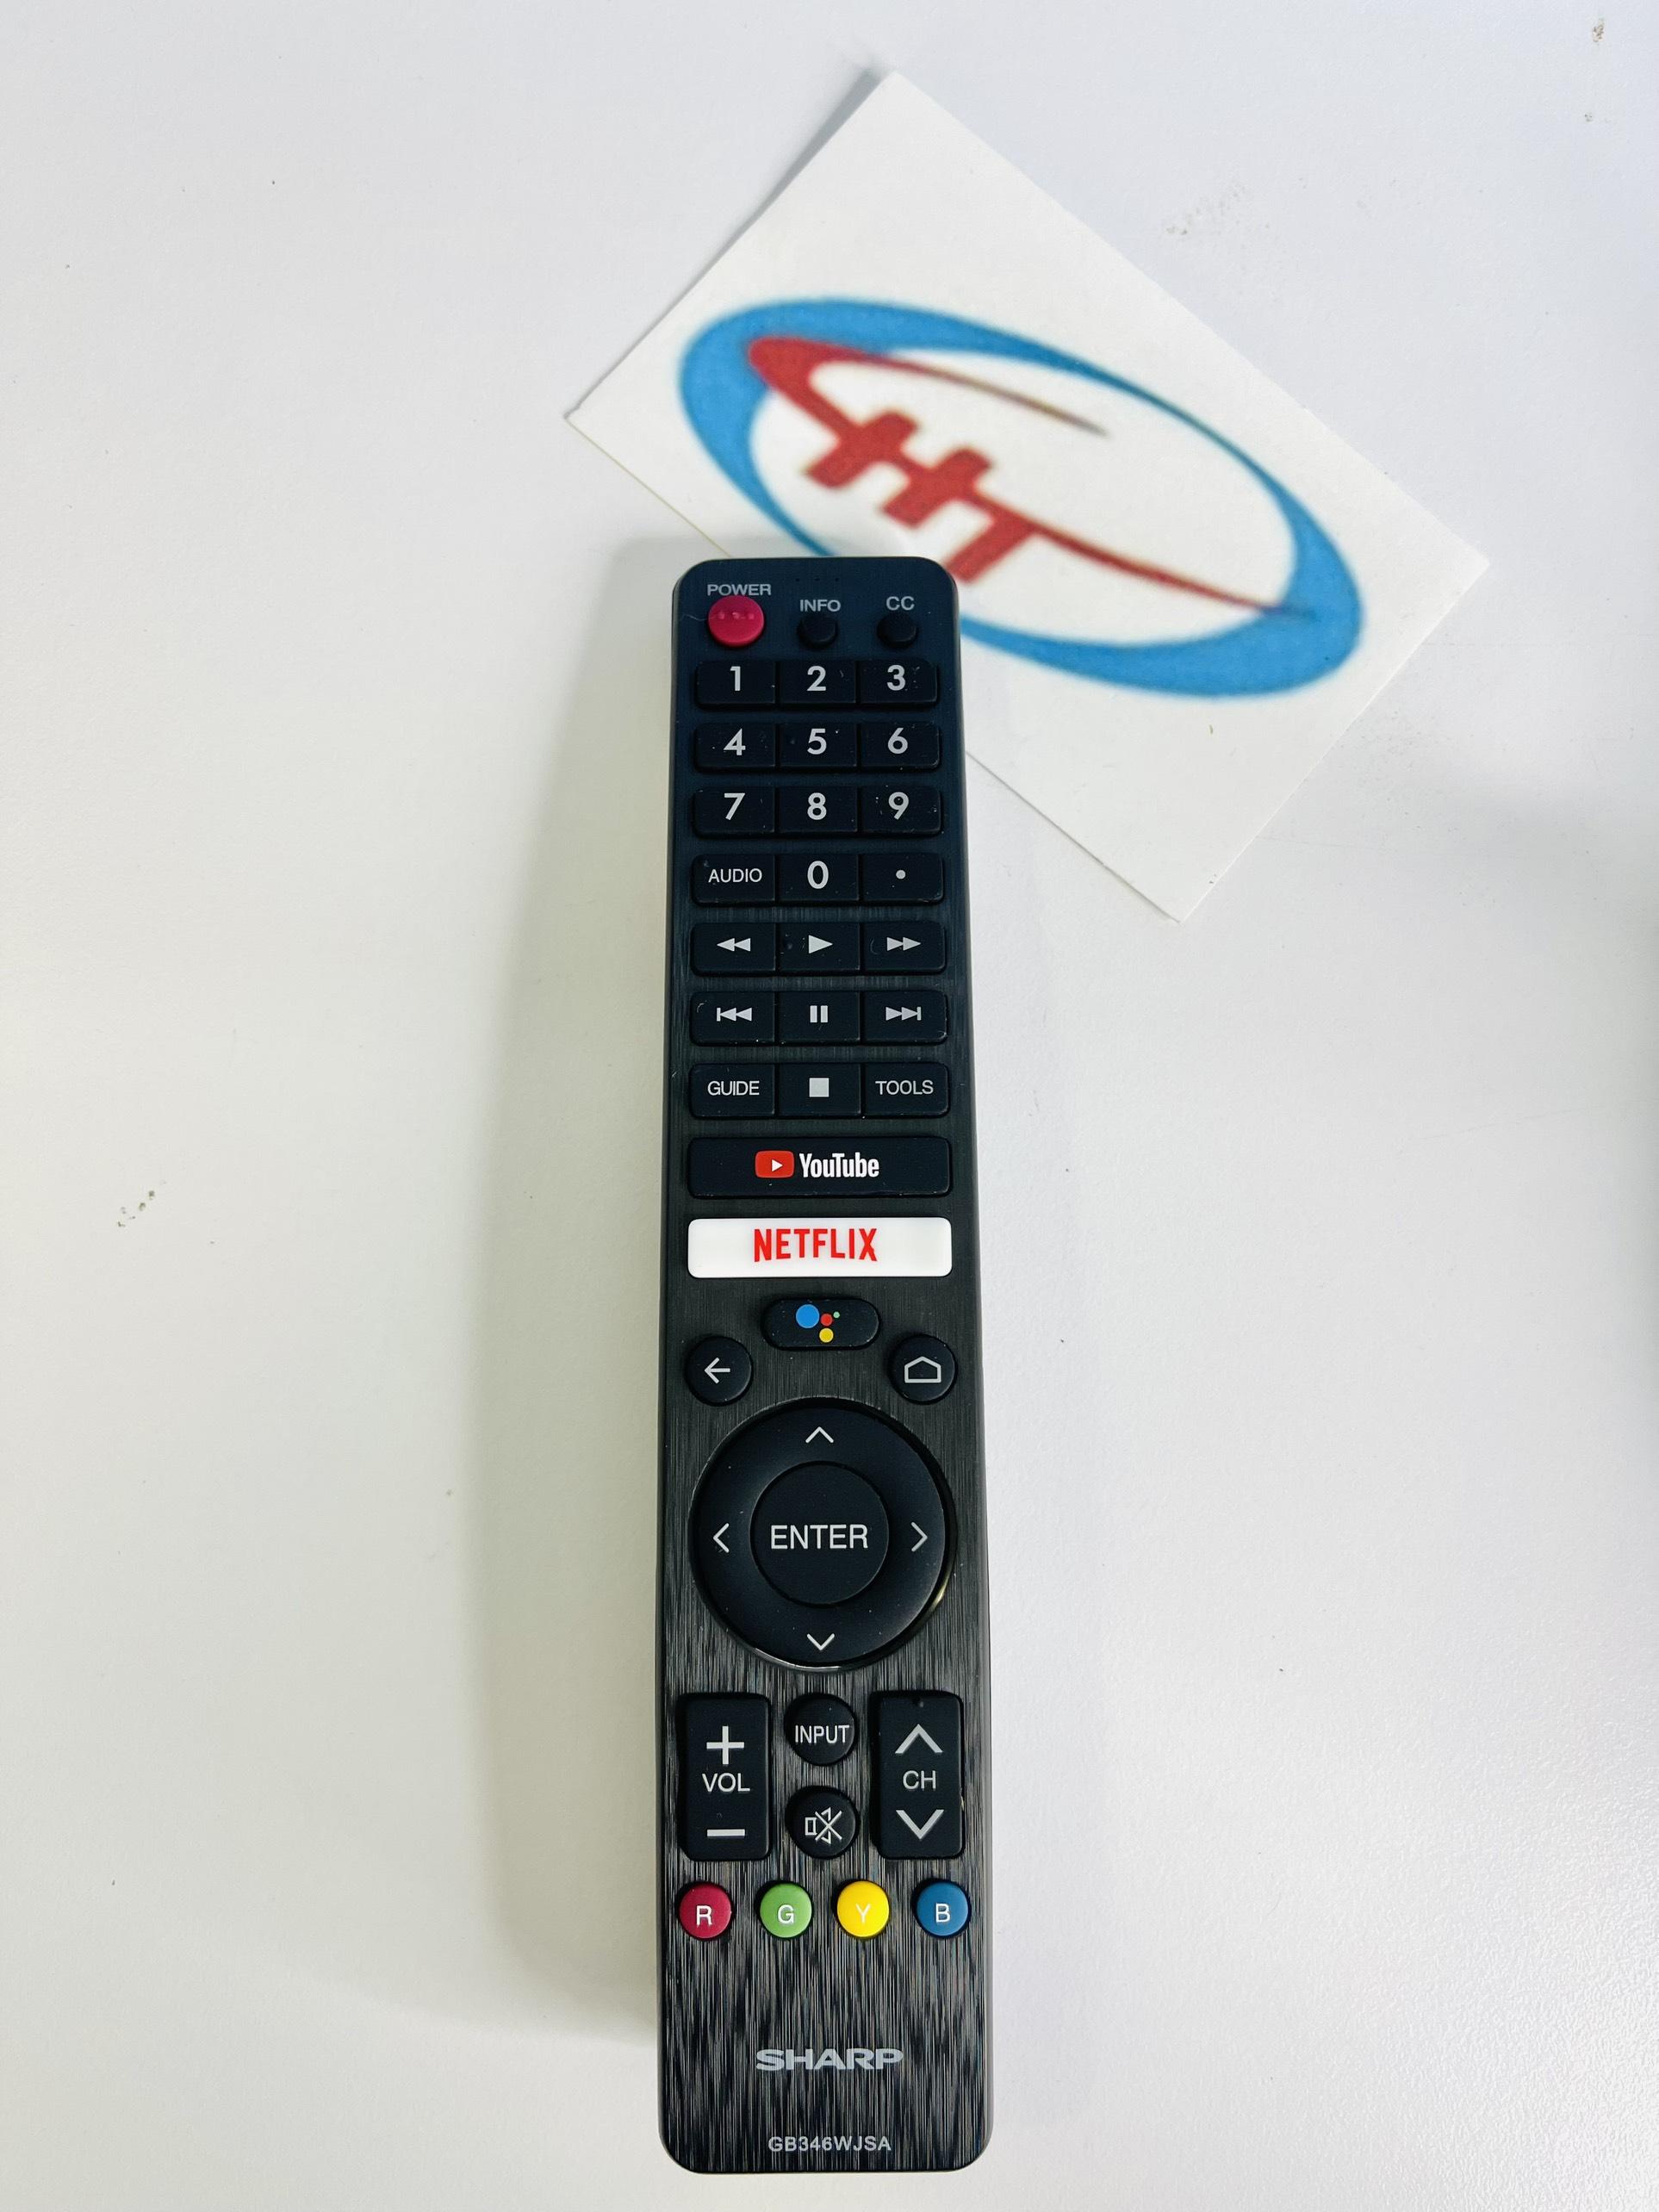 điều khiển tivi sharp giọng nói voice (SP 1832)